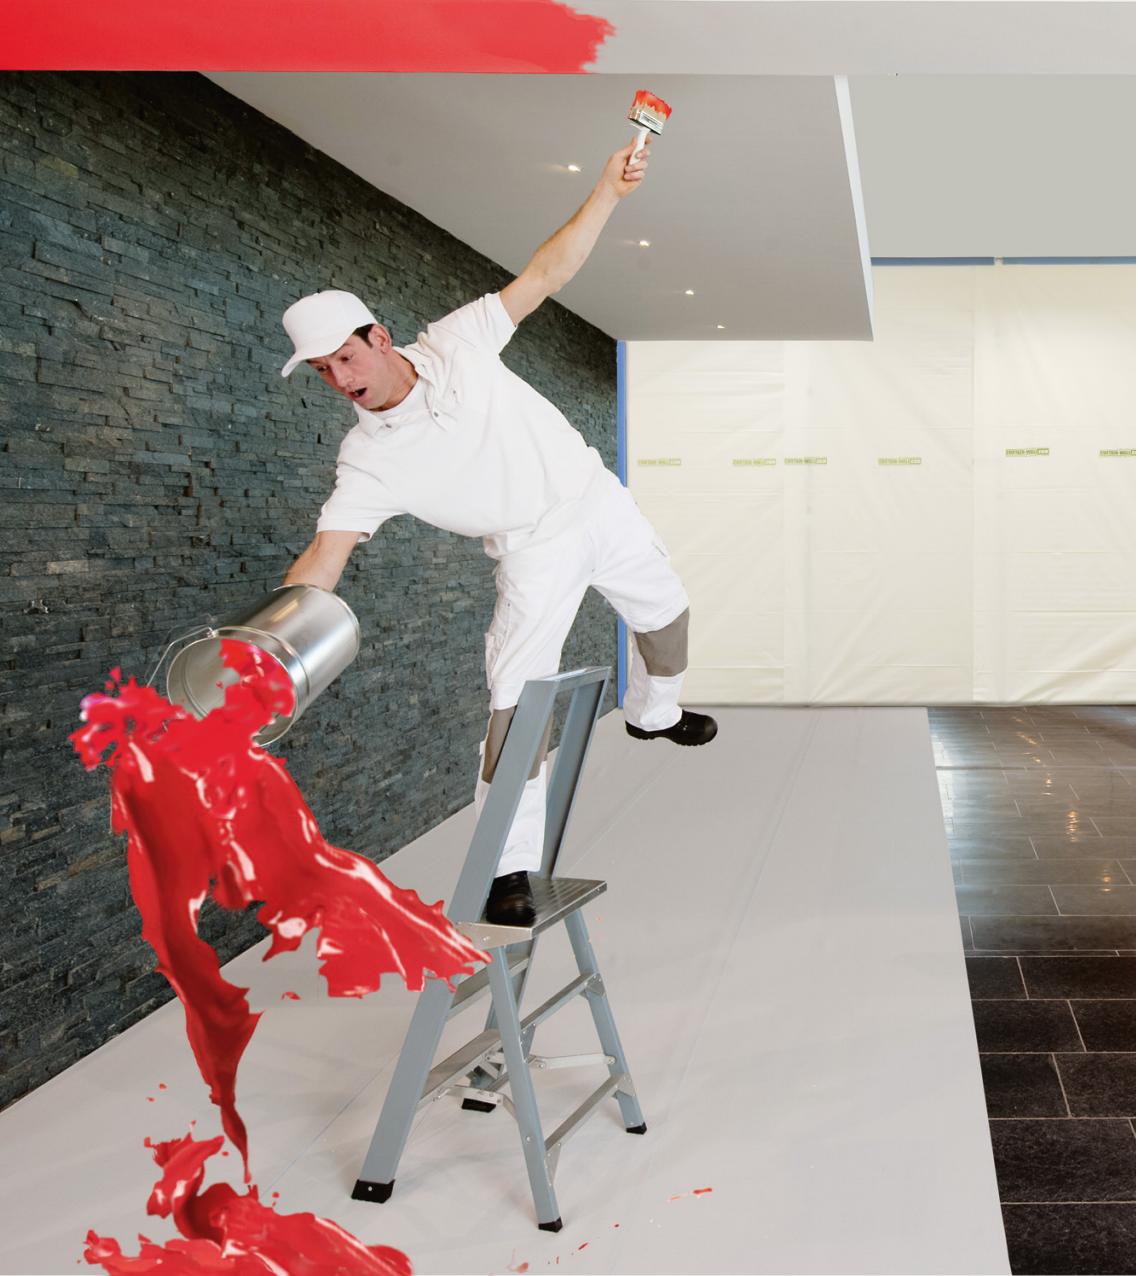 :::: NEW :::: PRIMACOVER Protection efficace des sols et des escaliers - Gamme complète de matériaux de protection pour les travaux de construction, de finition et de rénovation -